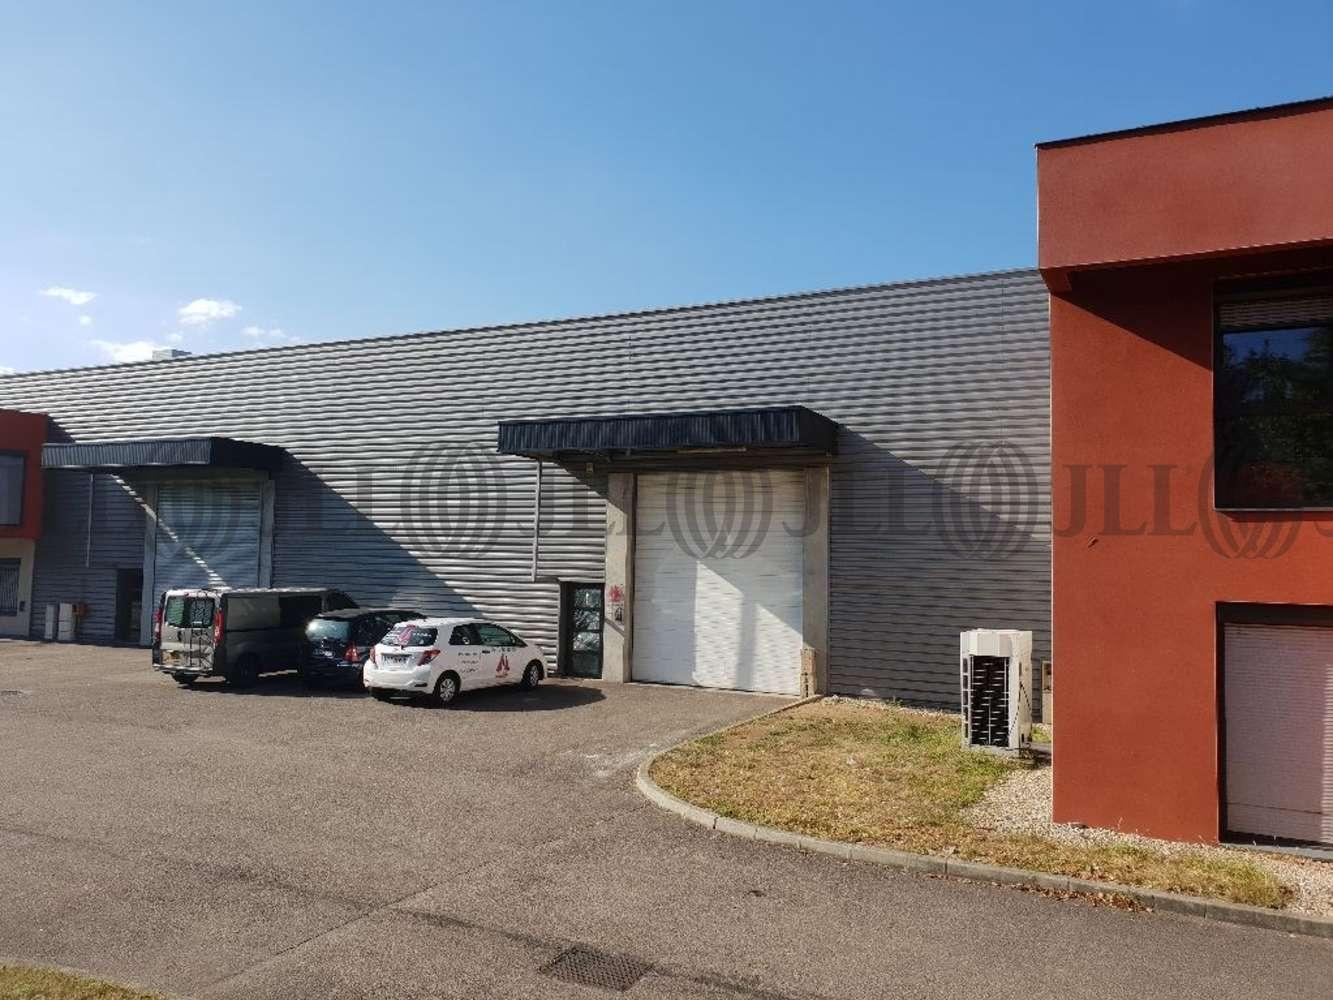 Activités/entrepôt Venissieux, 69200 - Location entrepot Vénissieux - Lyon Est - 9635222